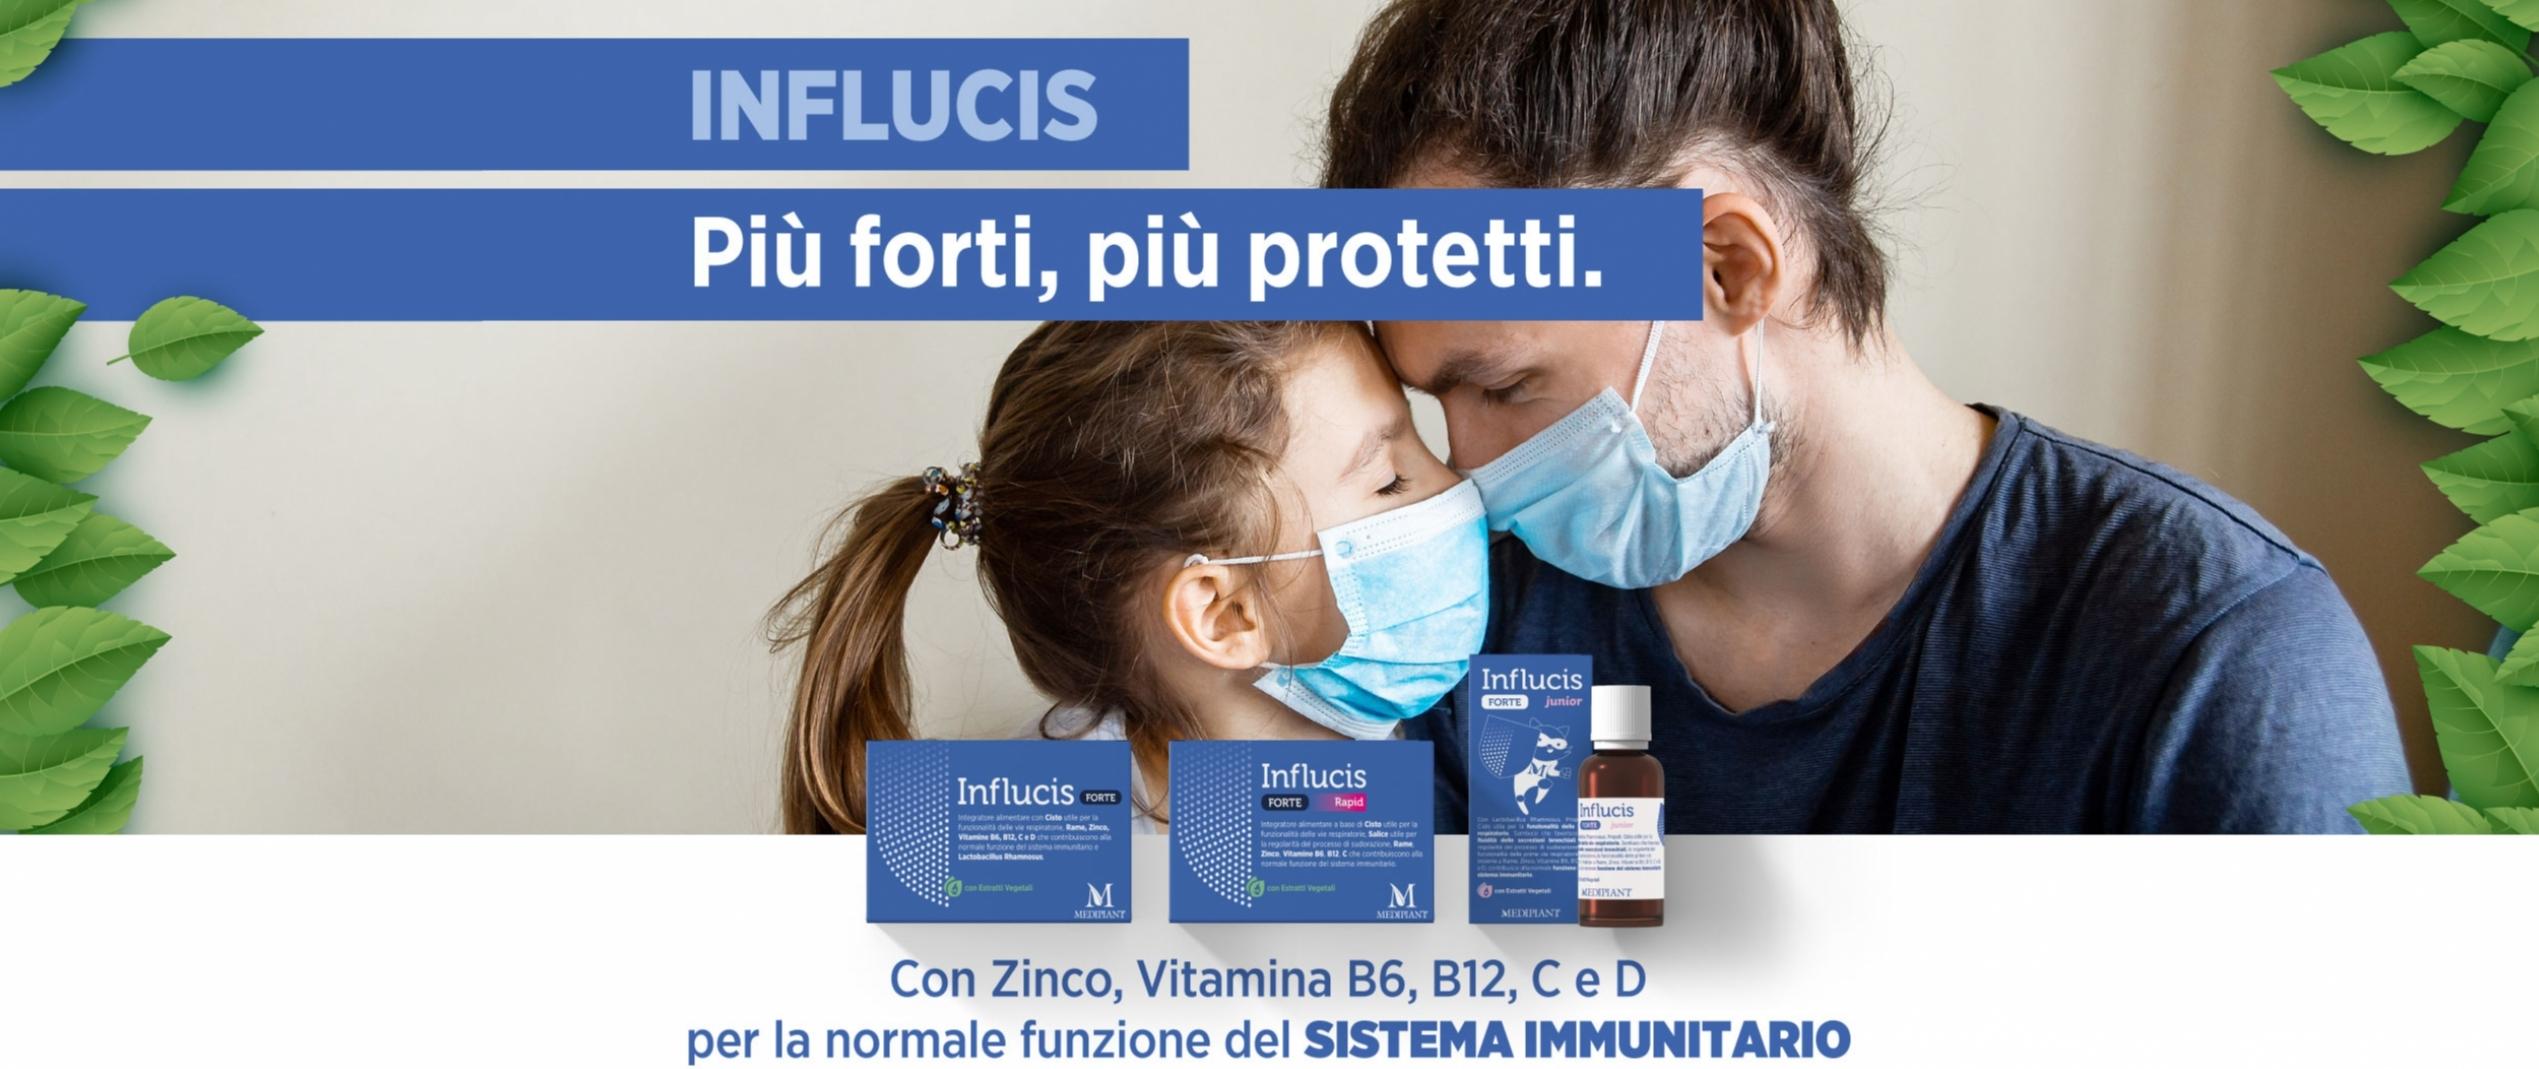 Influcis2